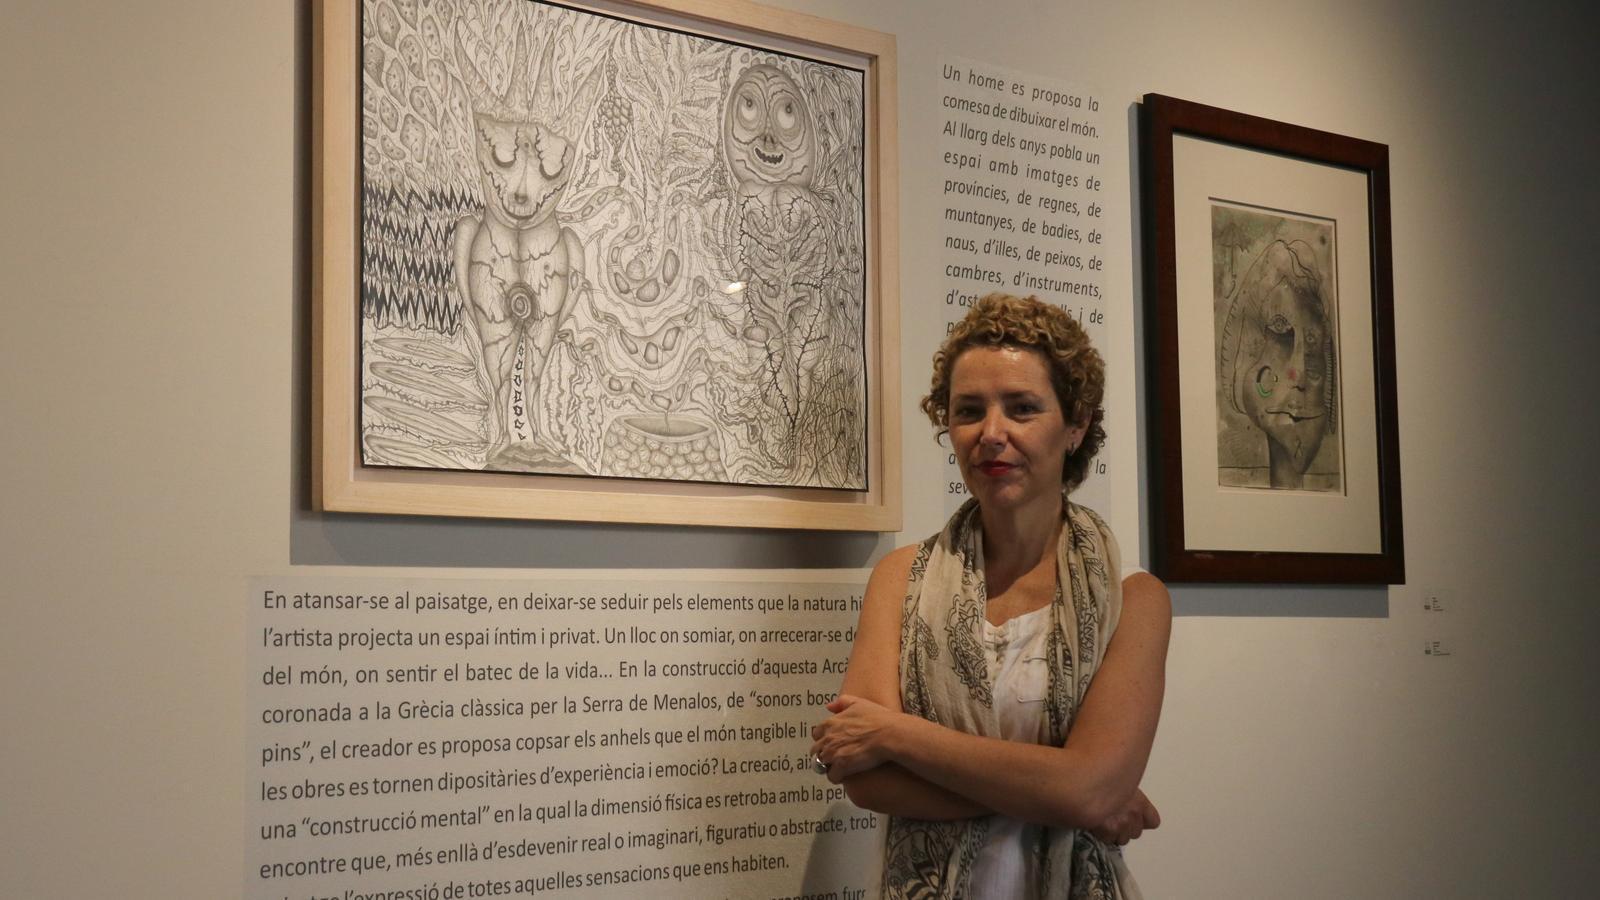 La directora de projectes externs de la Fundació Vila Casas, Natàlia Chocarro, aquest divendres a l'Espai Art l'Abadia de Sant Joan de les Abadesses.